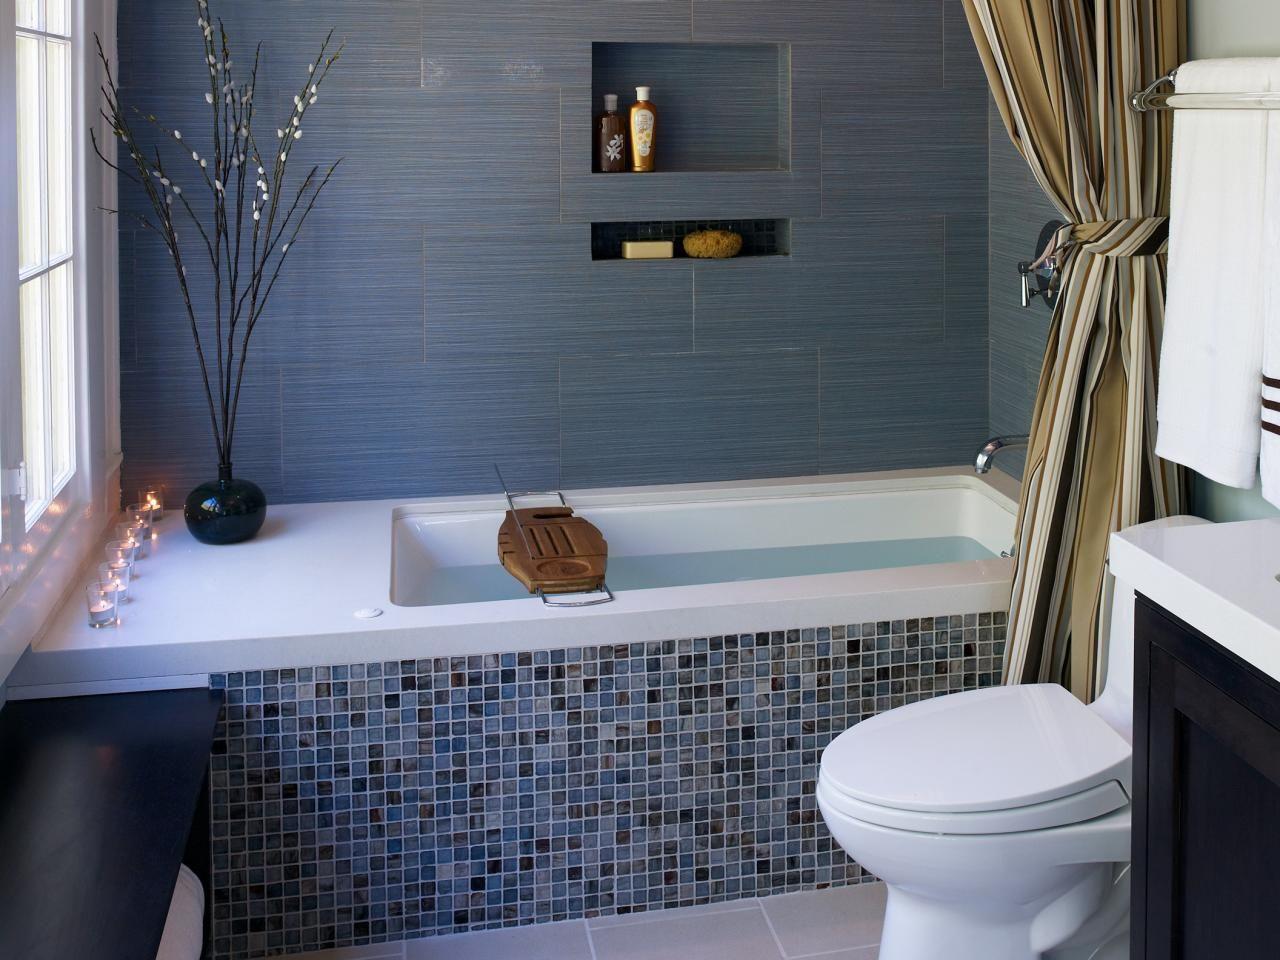 Предметы для уютного интерьера ванной комнаты_4